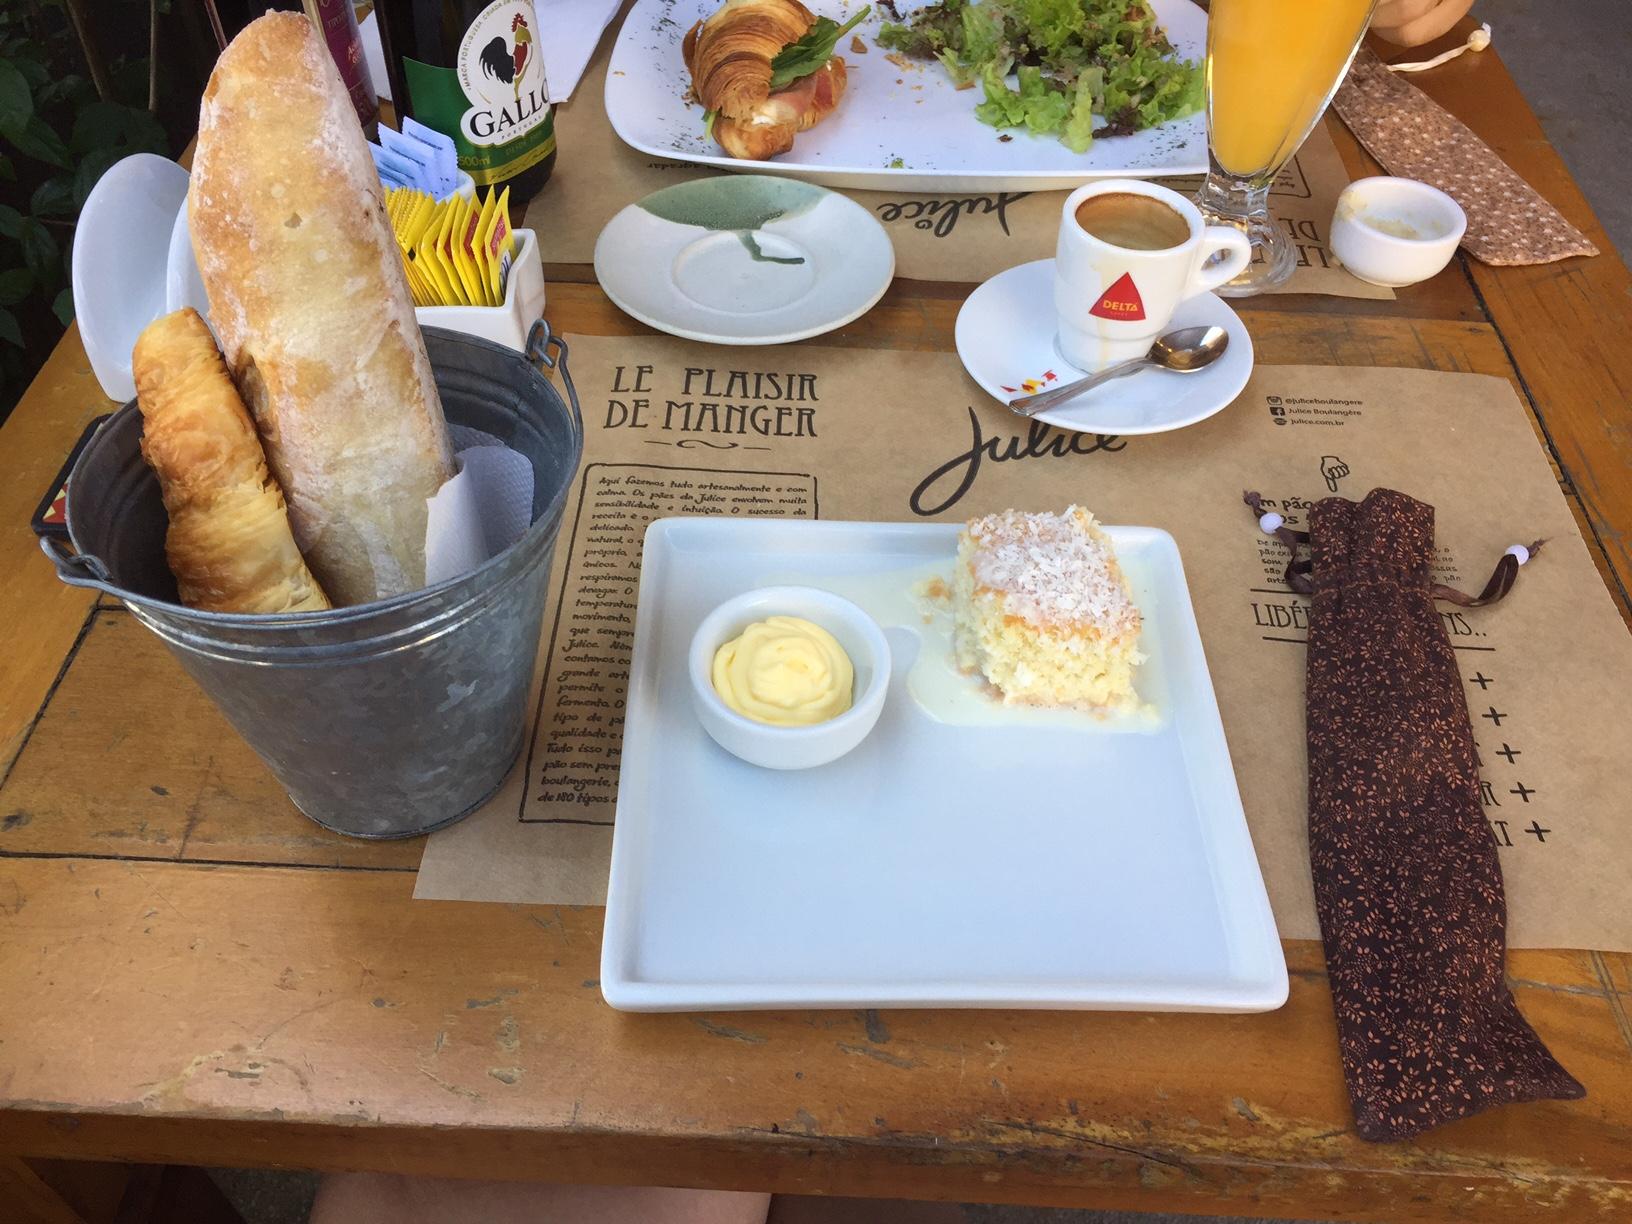 Pão integral artesanal, croissant (divino) e bolo! Adorei a apresentação!